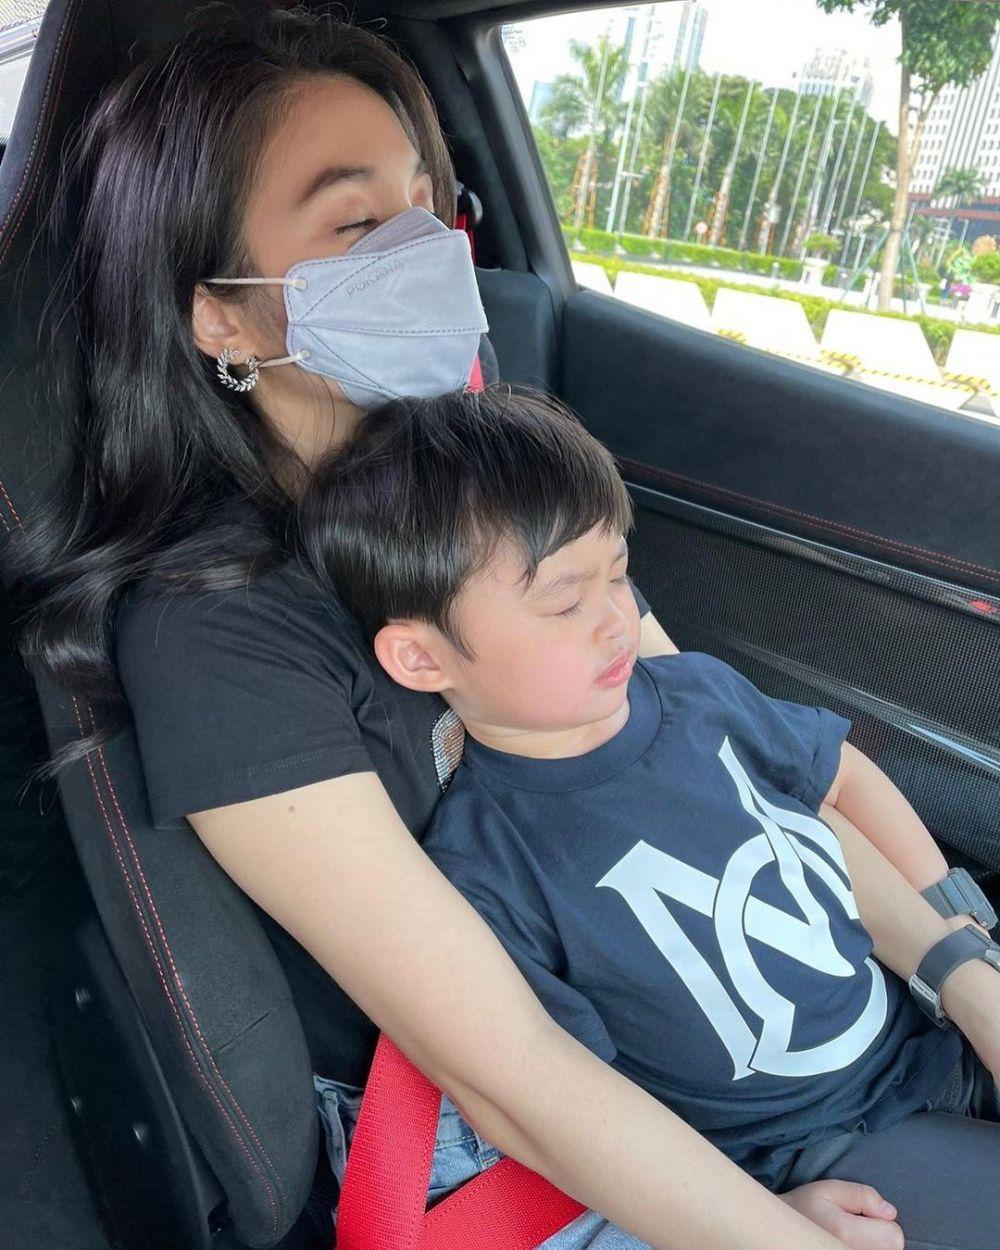 9 Pose Artis Indonesia Saat Tidur Bareng Anak, Kompaknya Bikin Gemas!